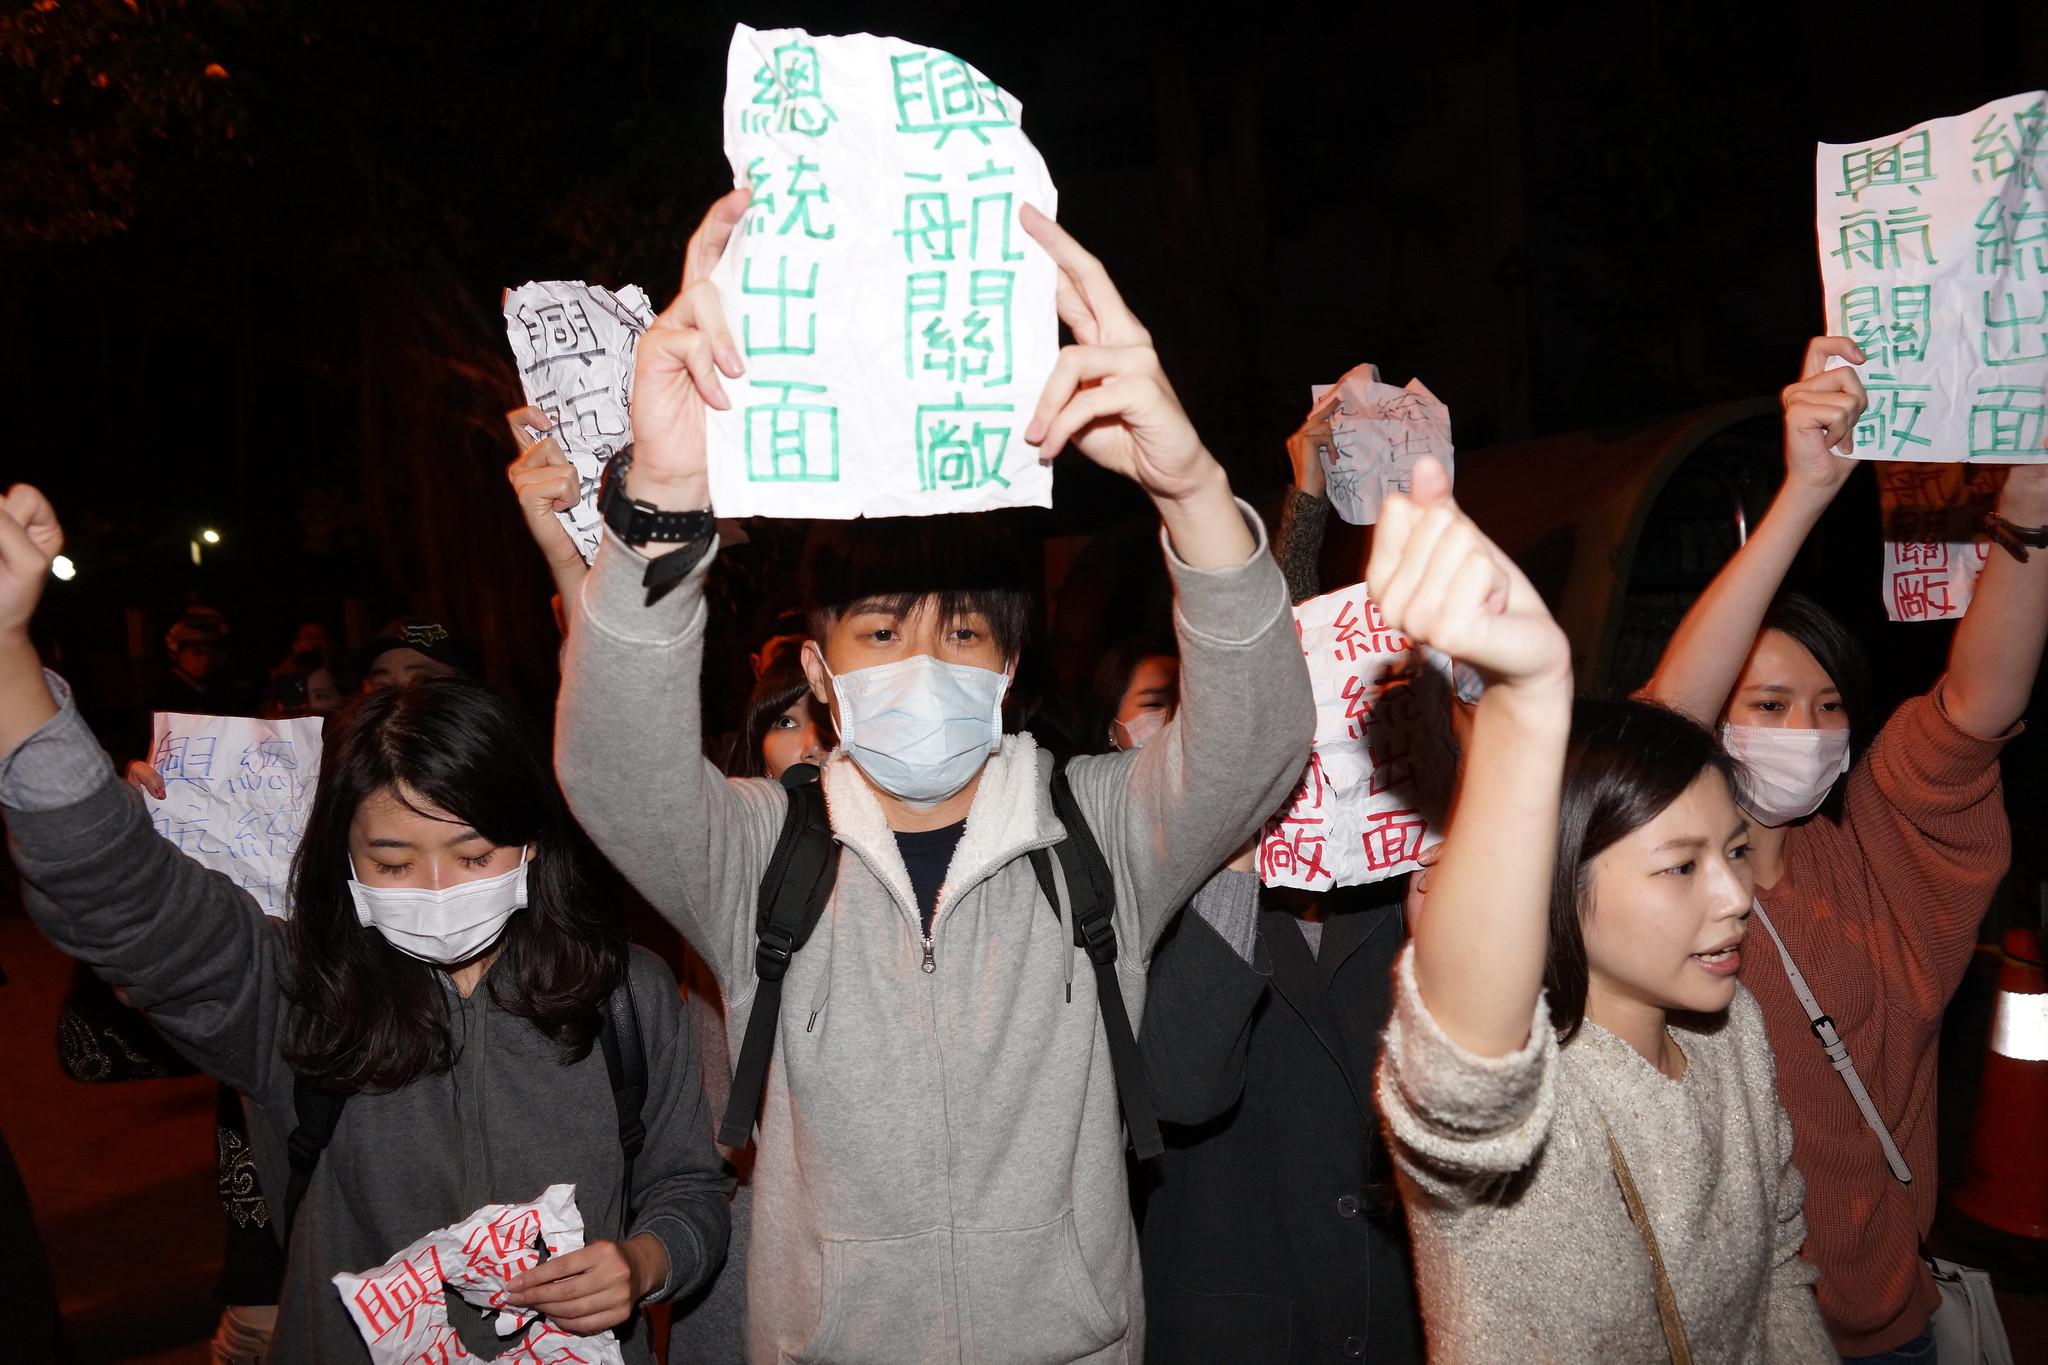 工會在官邸對面人行道持續高喊口號與訴求。(攝影:王顥中)